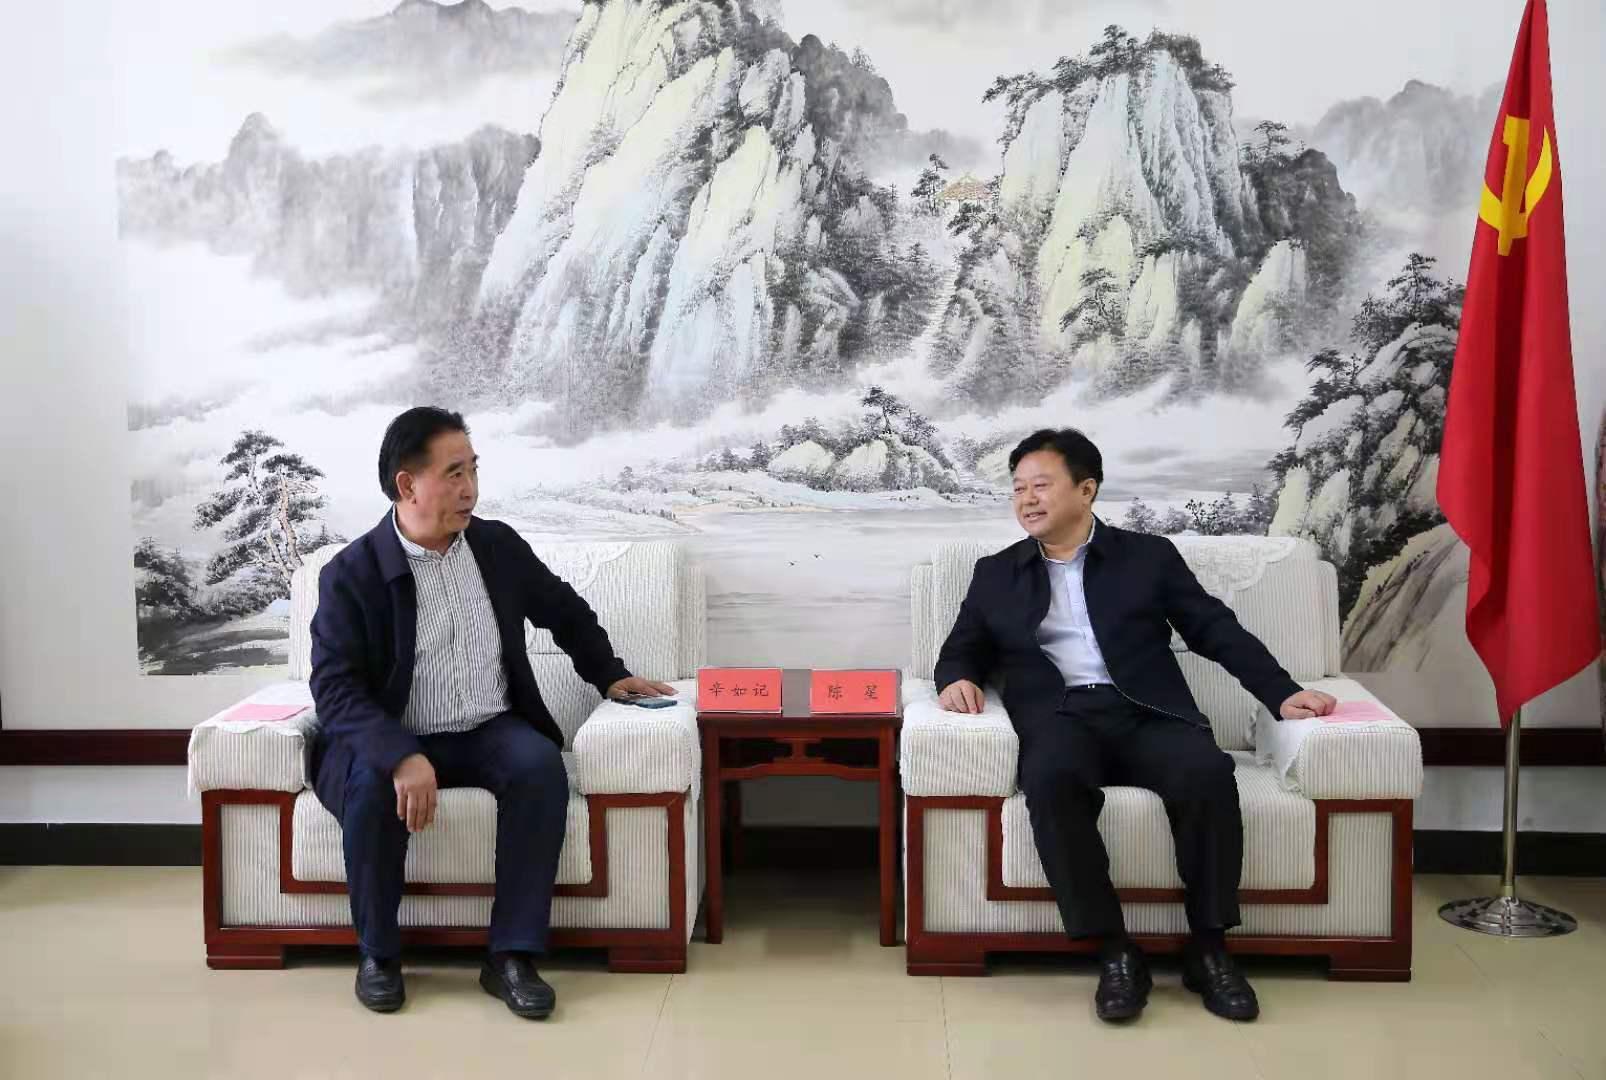 陈星会见中央广播电视总台河南总站负责人辛如记